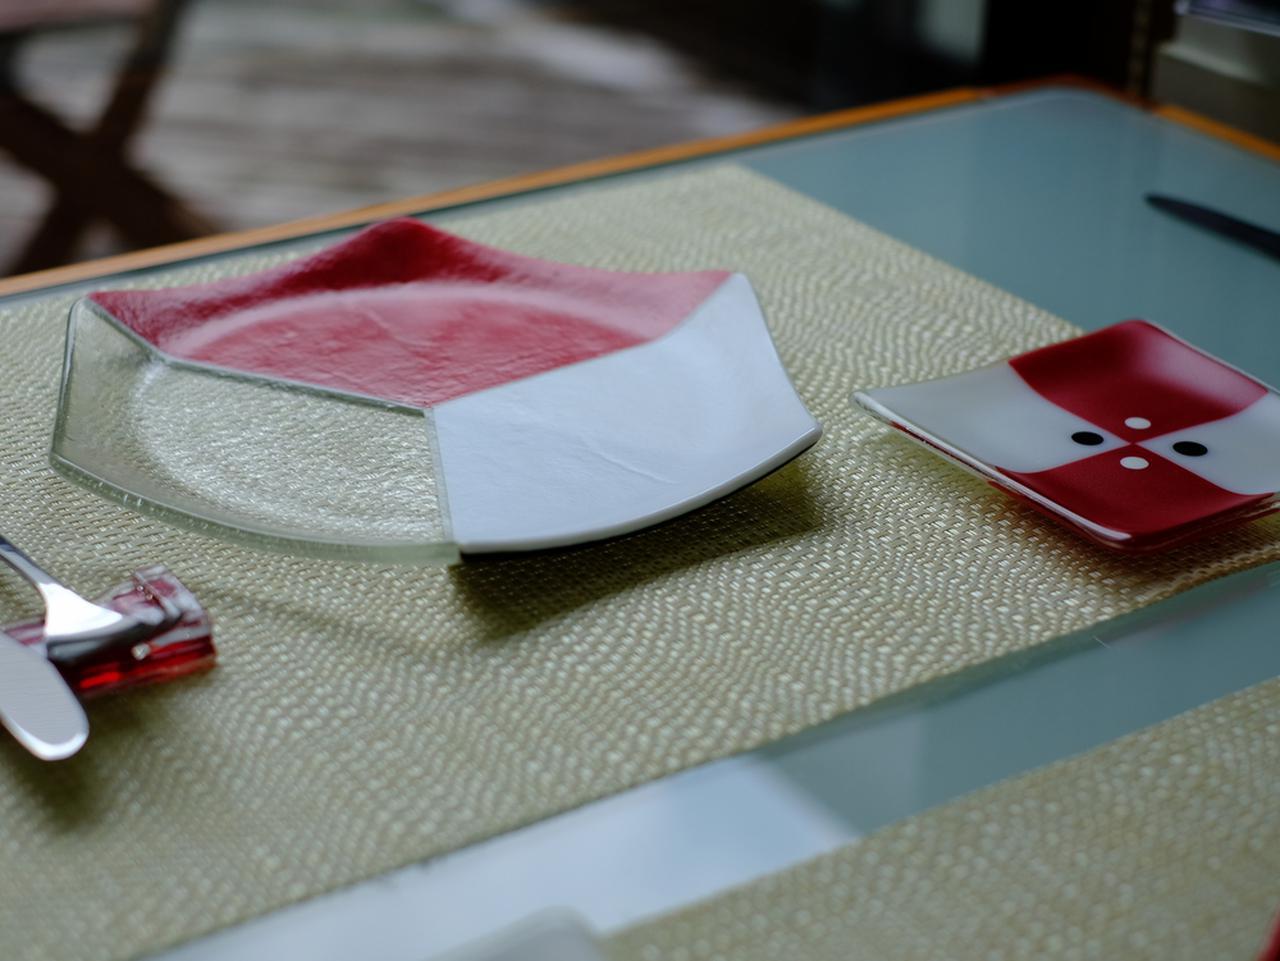 画像: 日常の中でも違和感なく使えるんですよ、と久美子さん。カラフルな器でも不思議と料理の邪魔をせず馴染むのだそう。